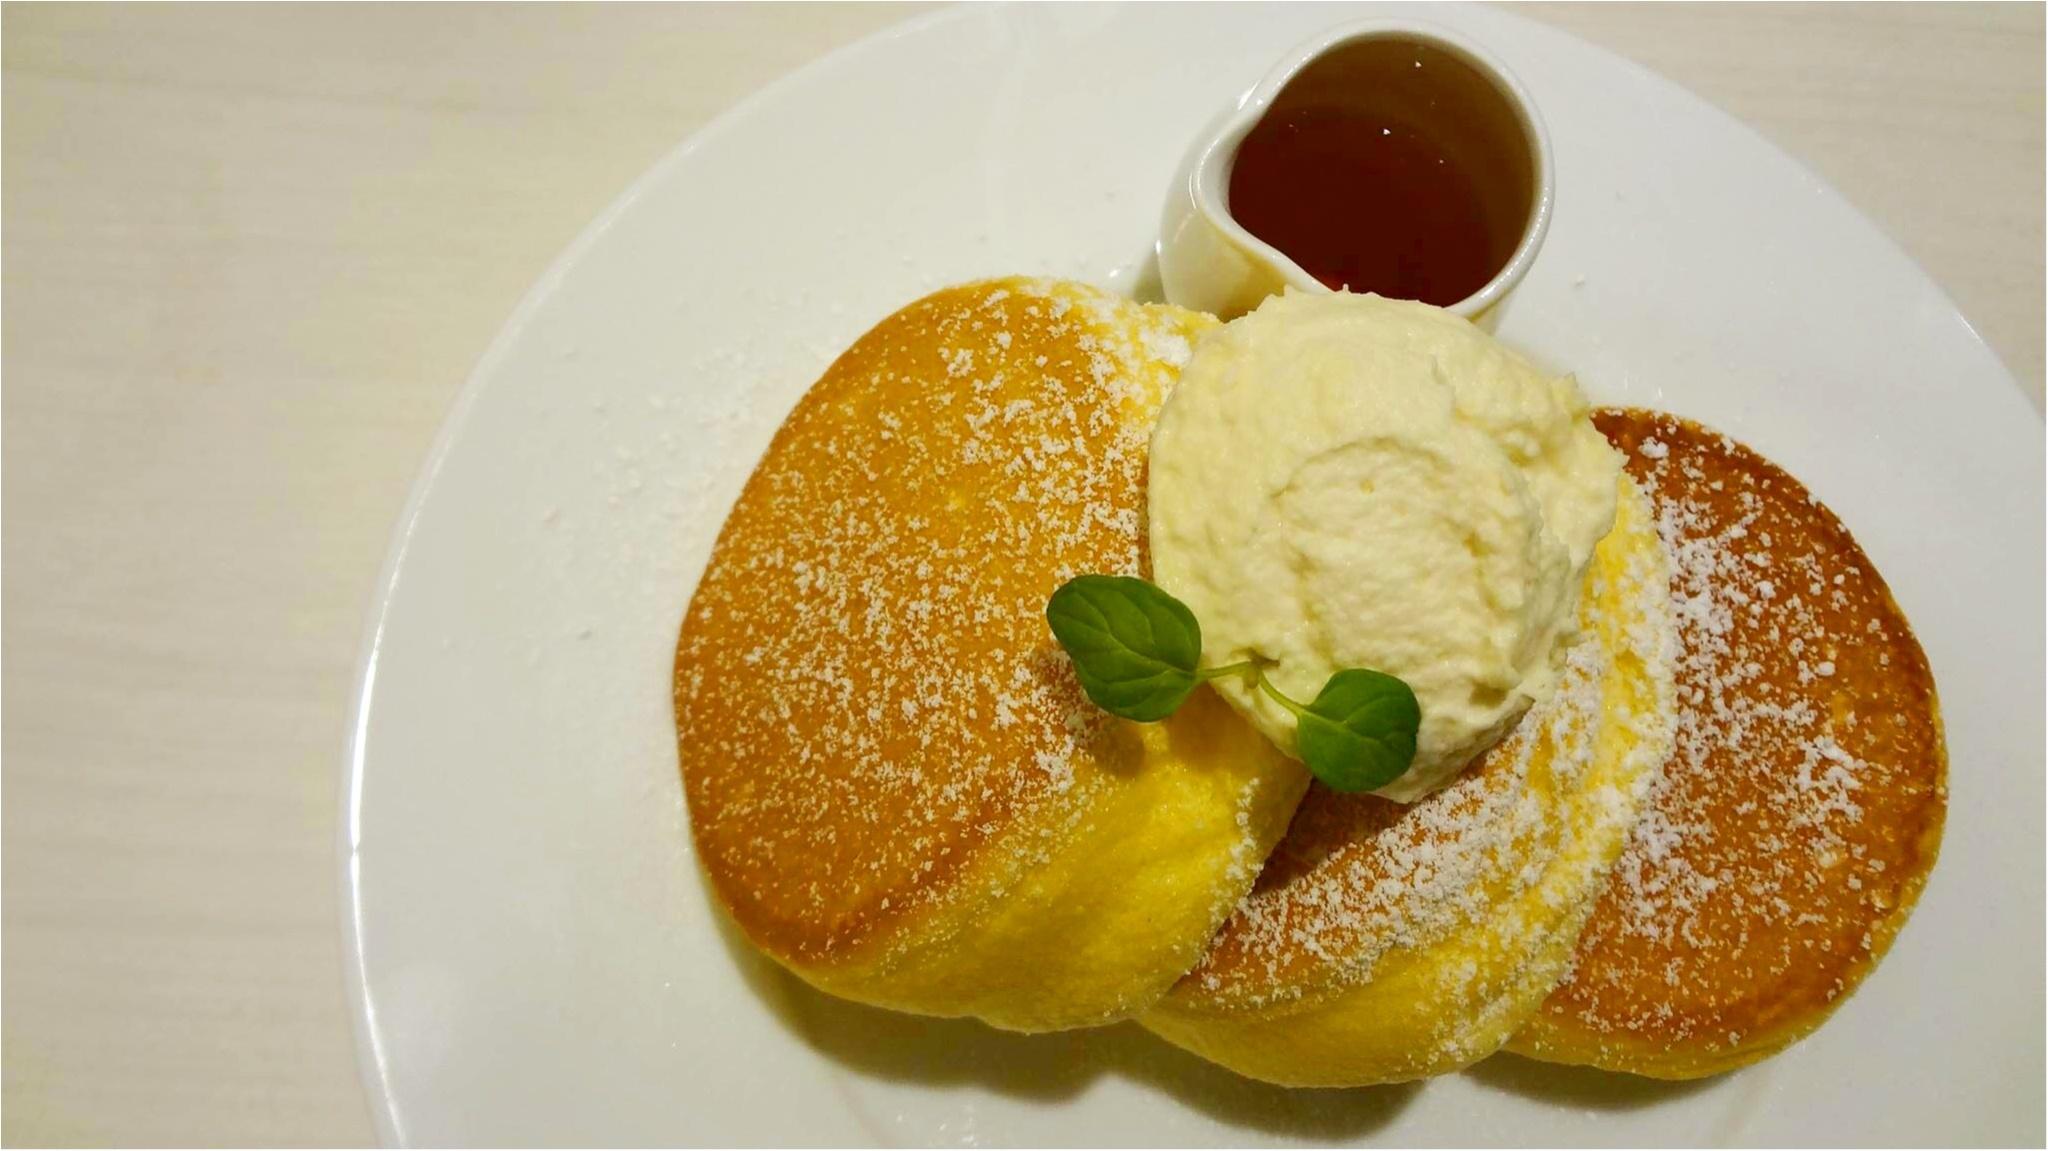 大人気!幸せのパンケーキ♡日曜日に待ち時間15分程で入店できました((´∀`*))✨≪samenyan≫_6